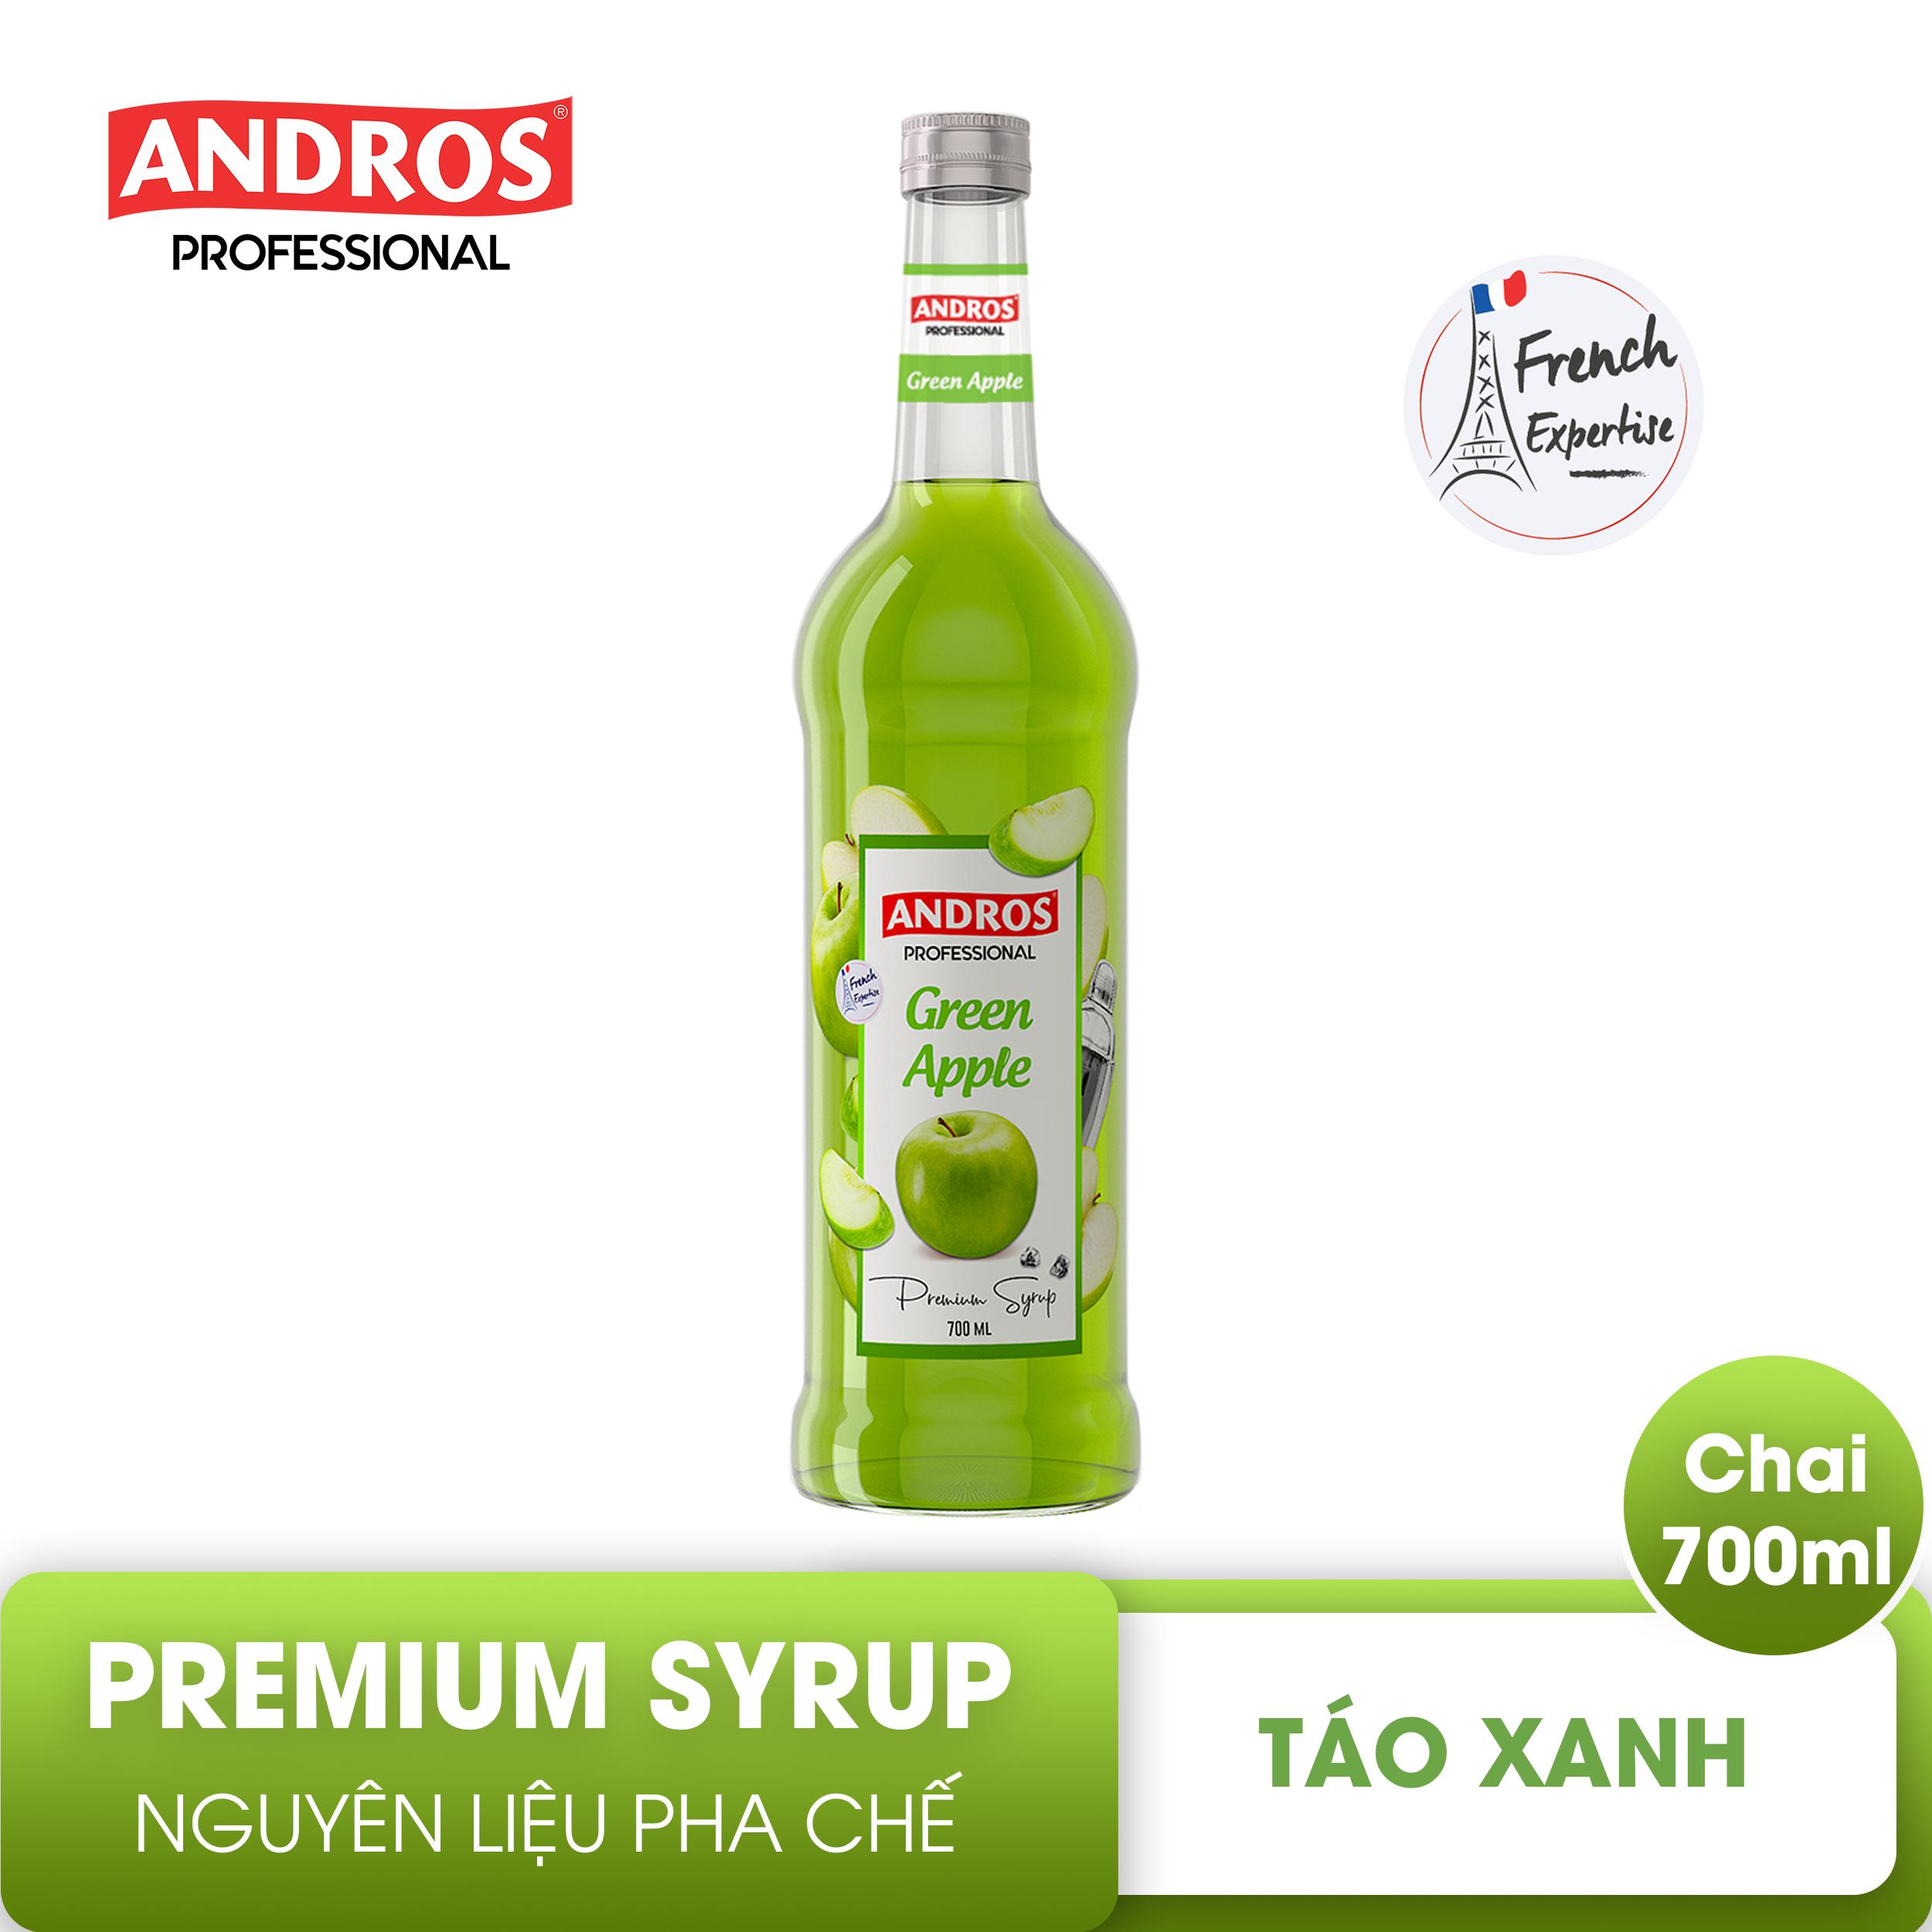 ANDROS – SYRUP Táo xanh (Green Apple) – Nguyên liệu pha chế – 700 ml